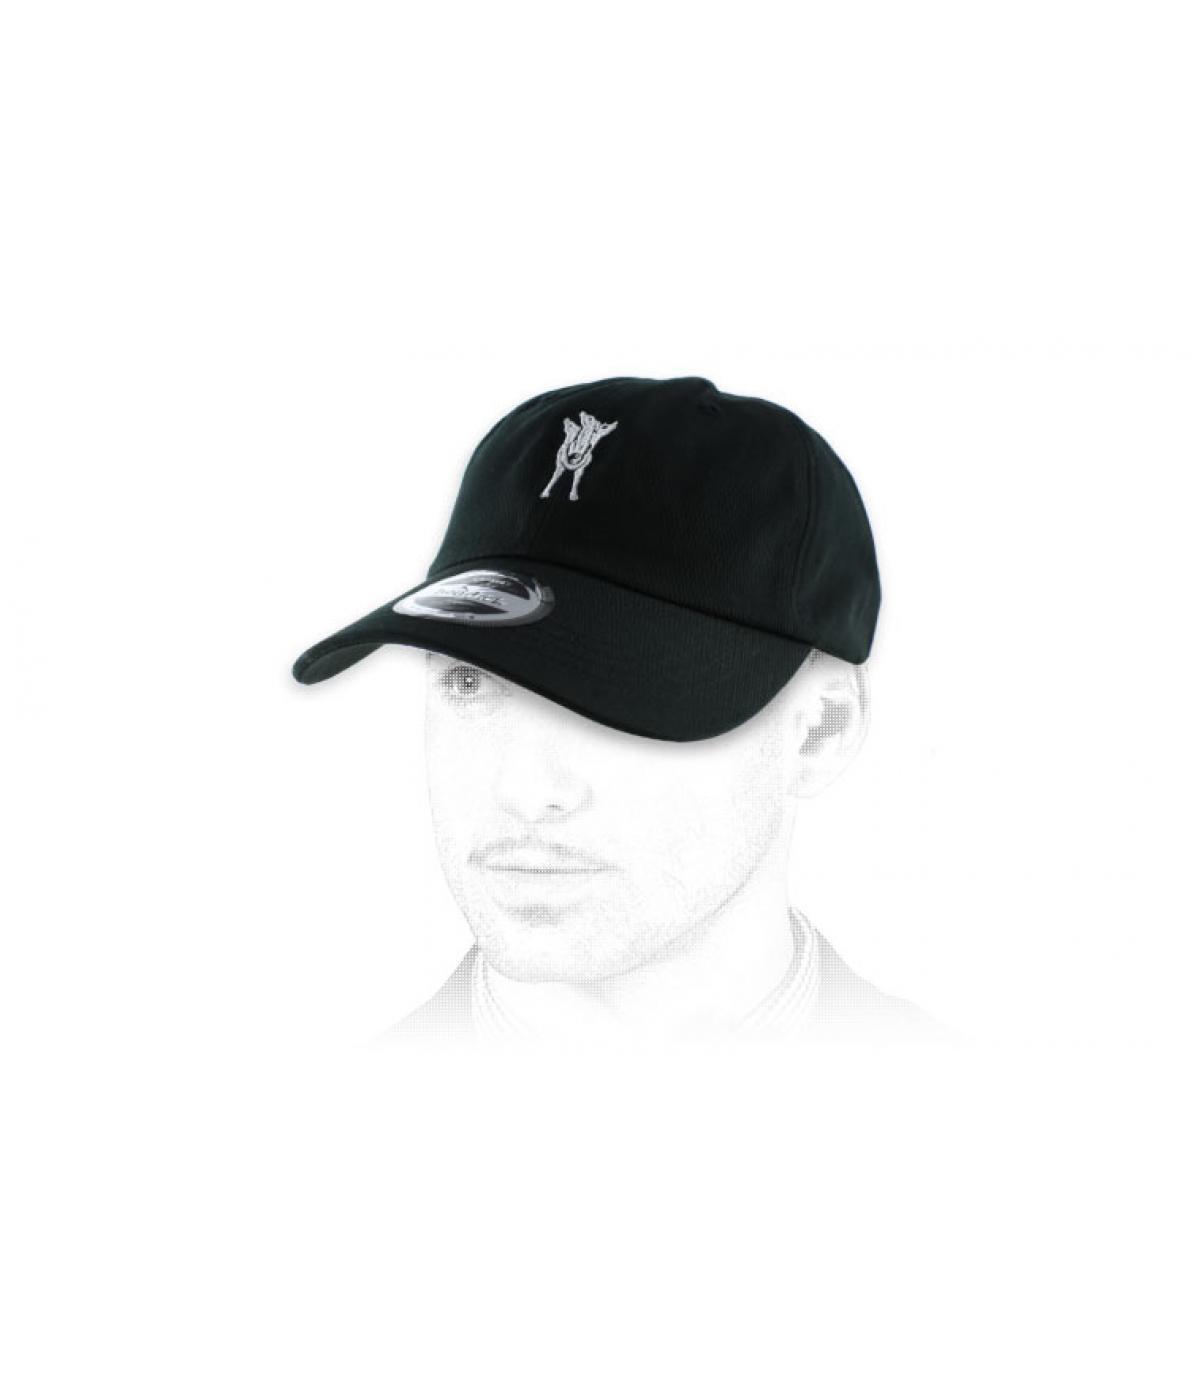 Cerberus berretto nero curva